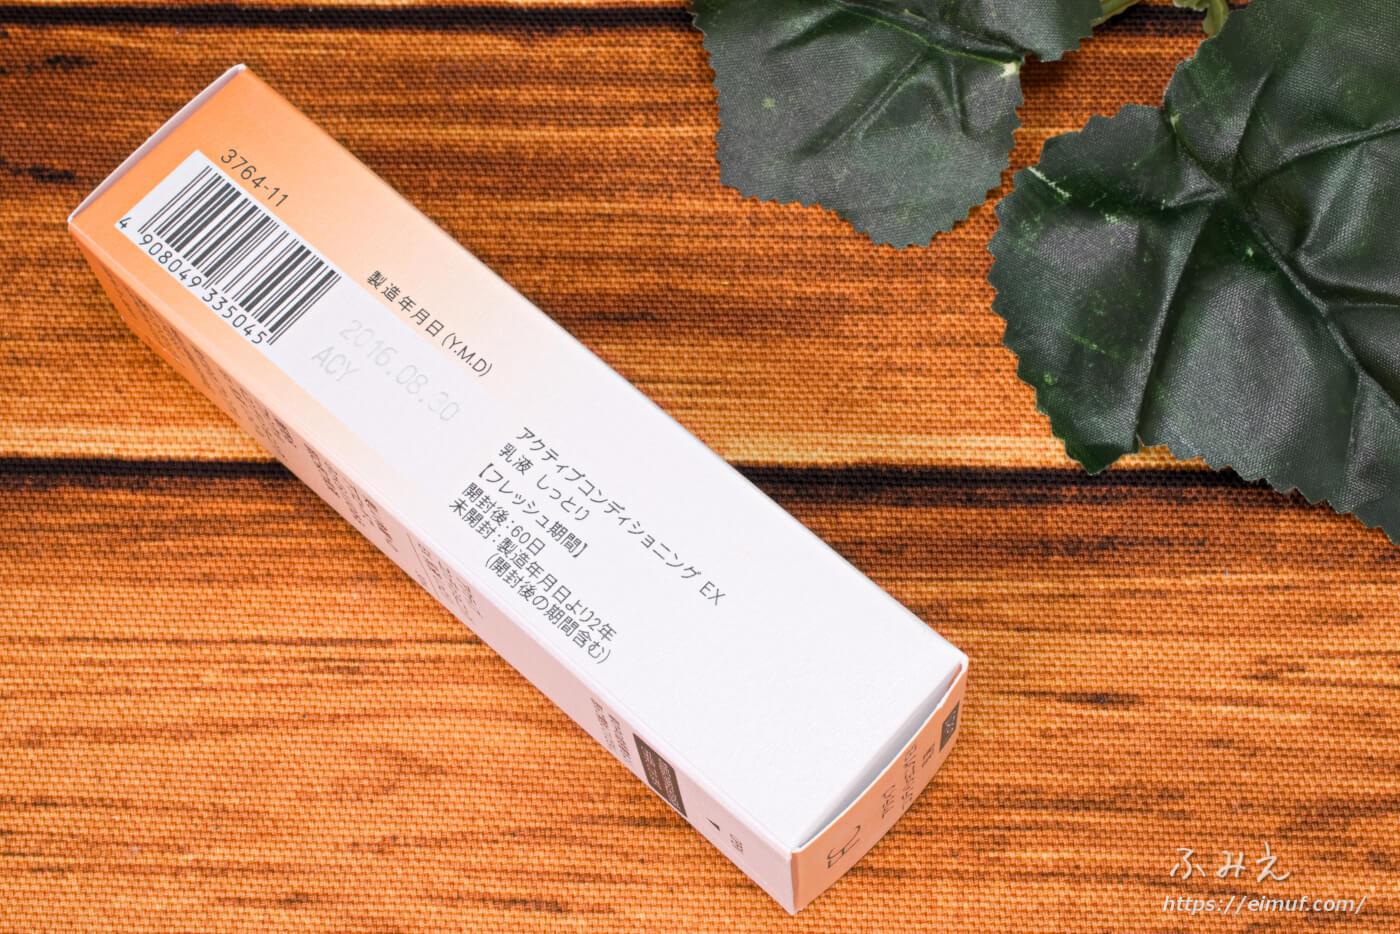 ファンケル 無添加モイストリファイン (旧無添加 アクティブコンディショニングEX 乳液II) パッケージ側面2